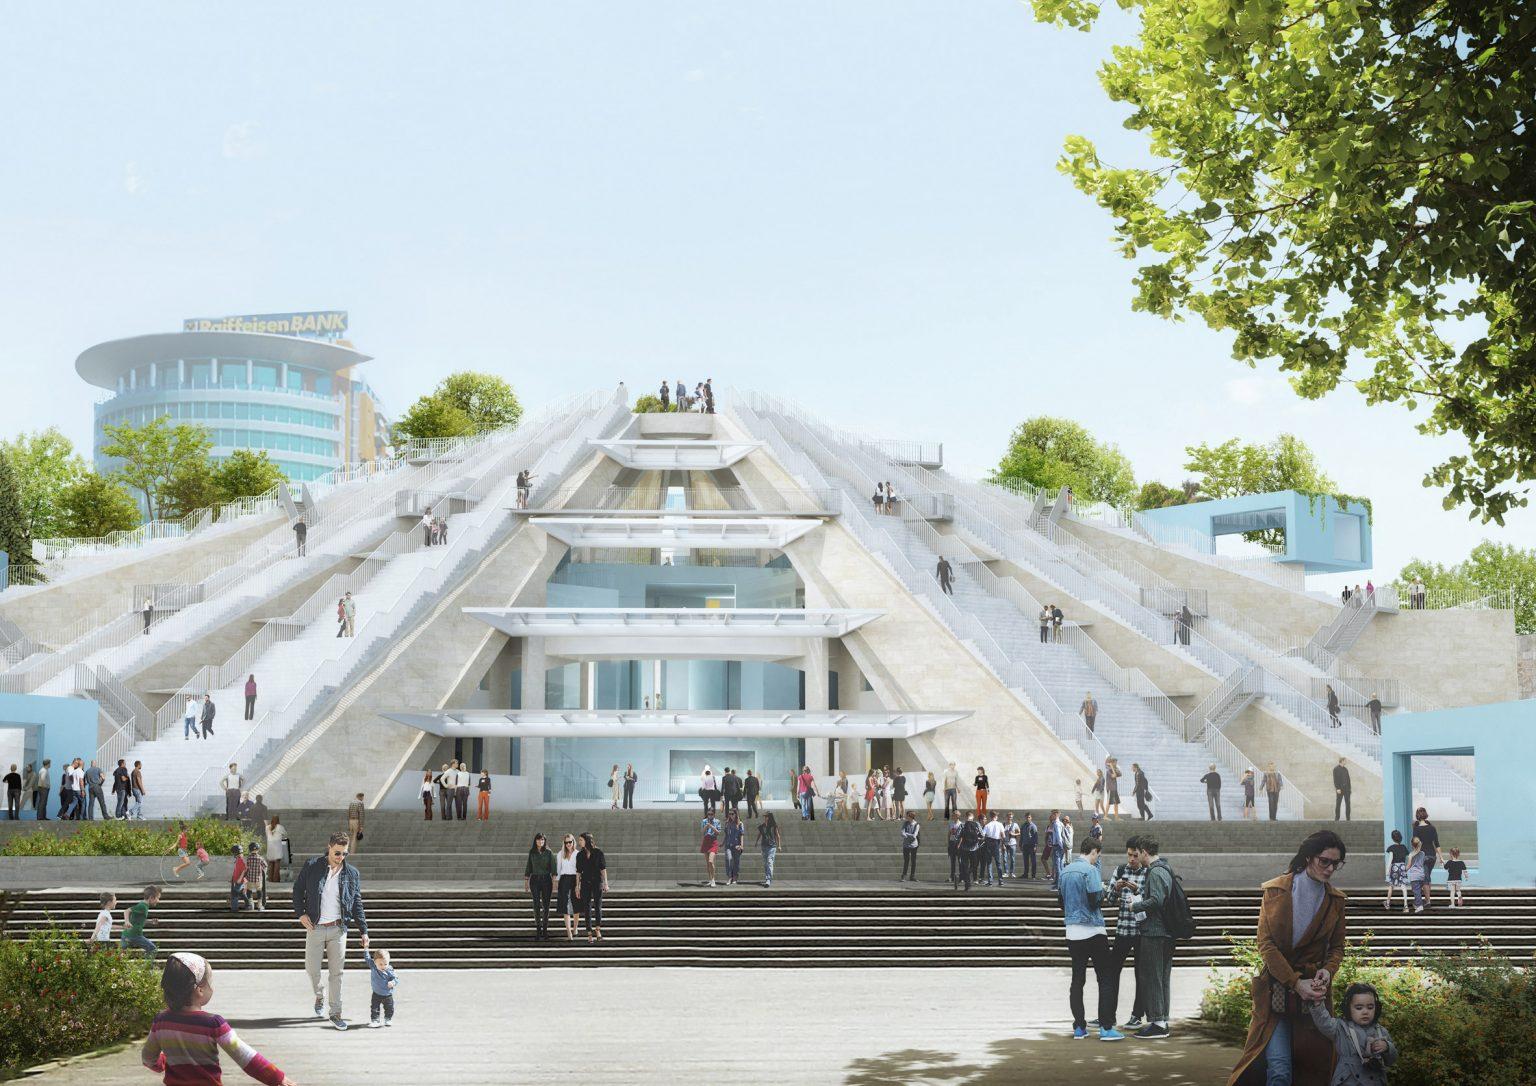 Albania Bakal Bangun Piramida di Bekas Bangunan Bersejarah